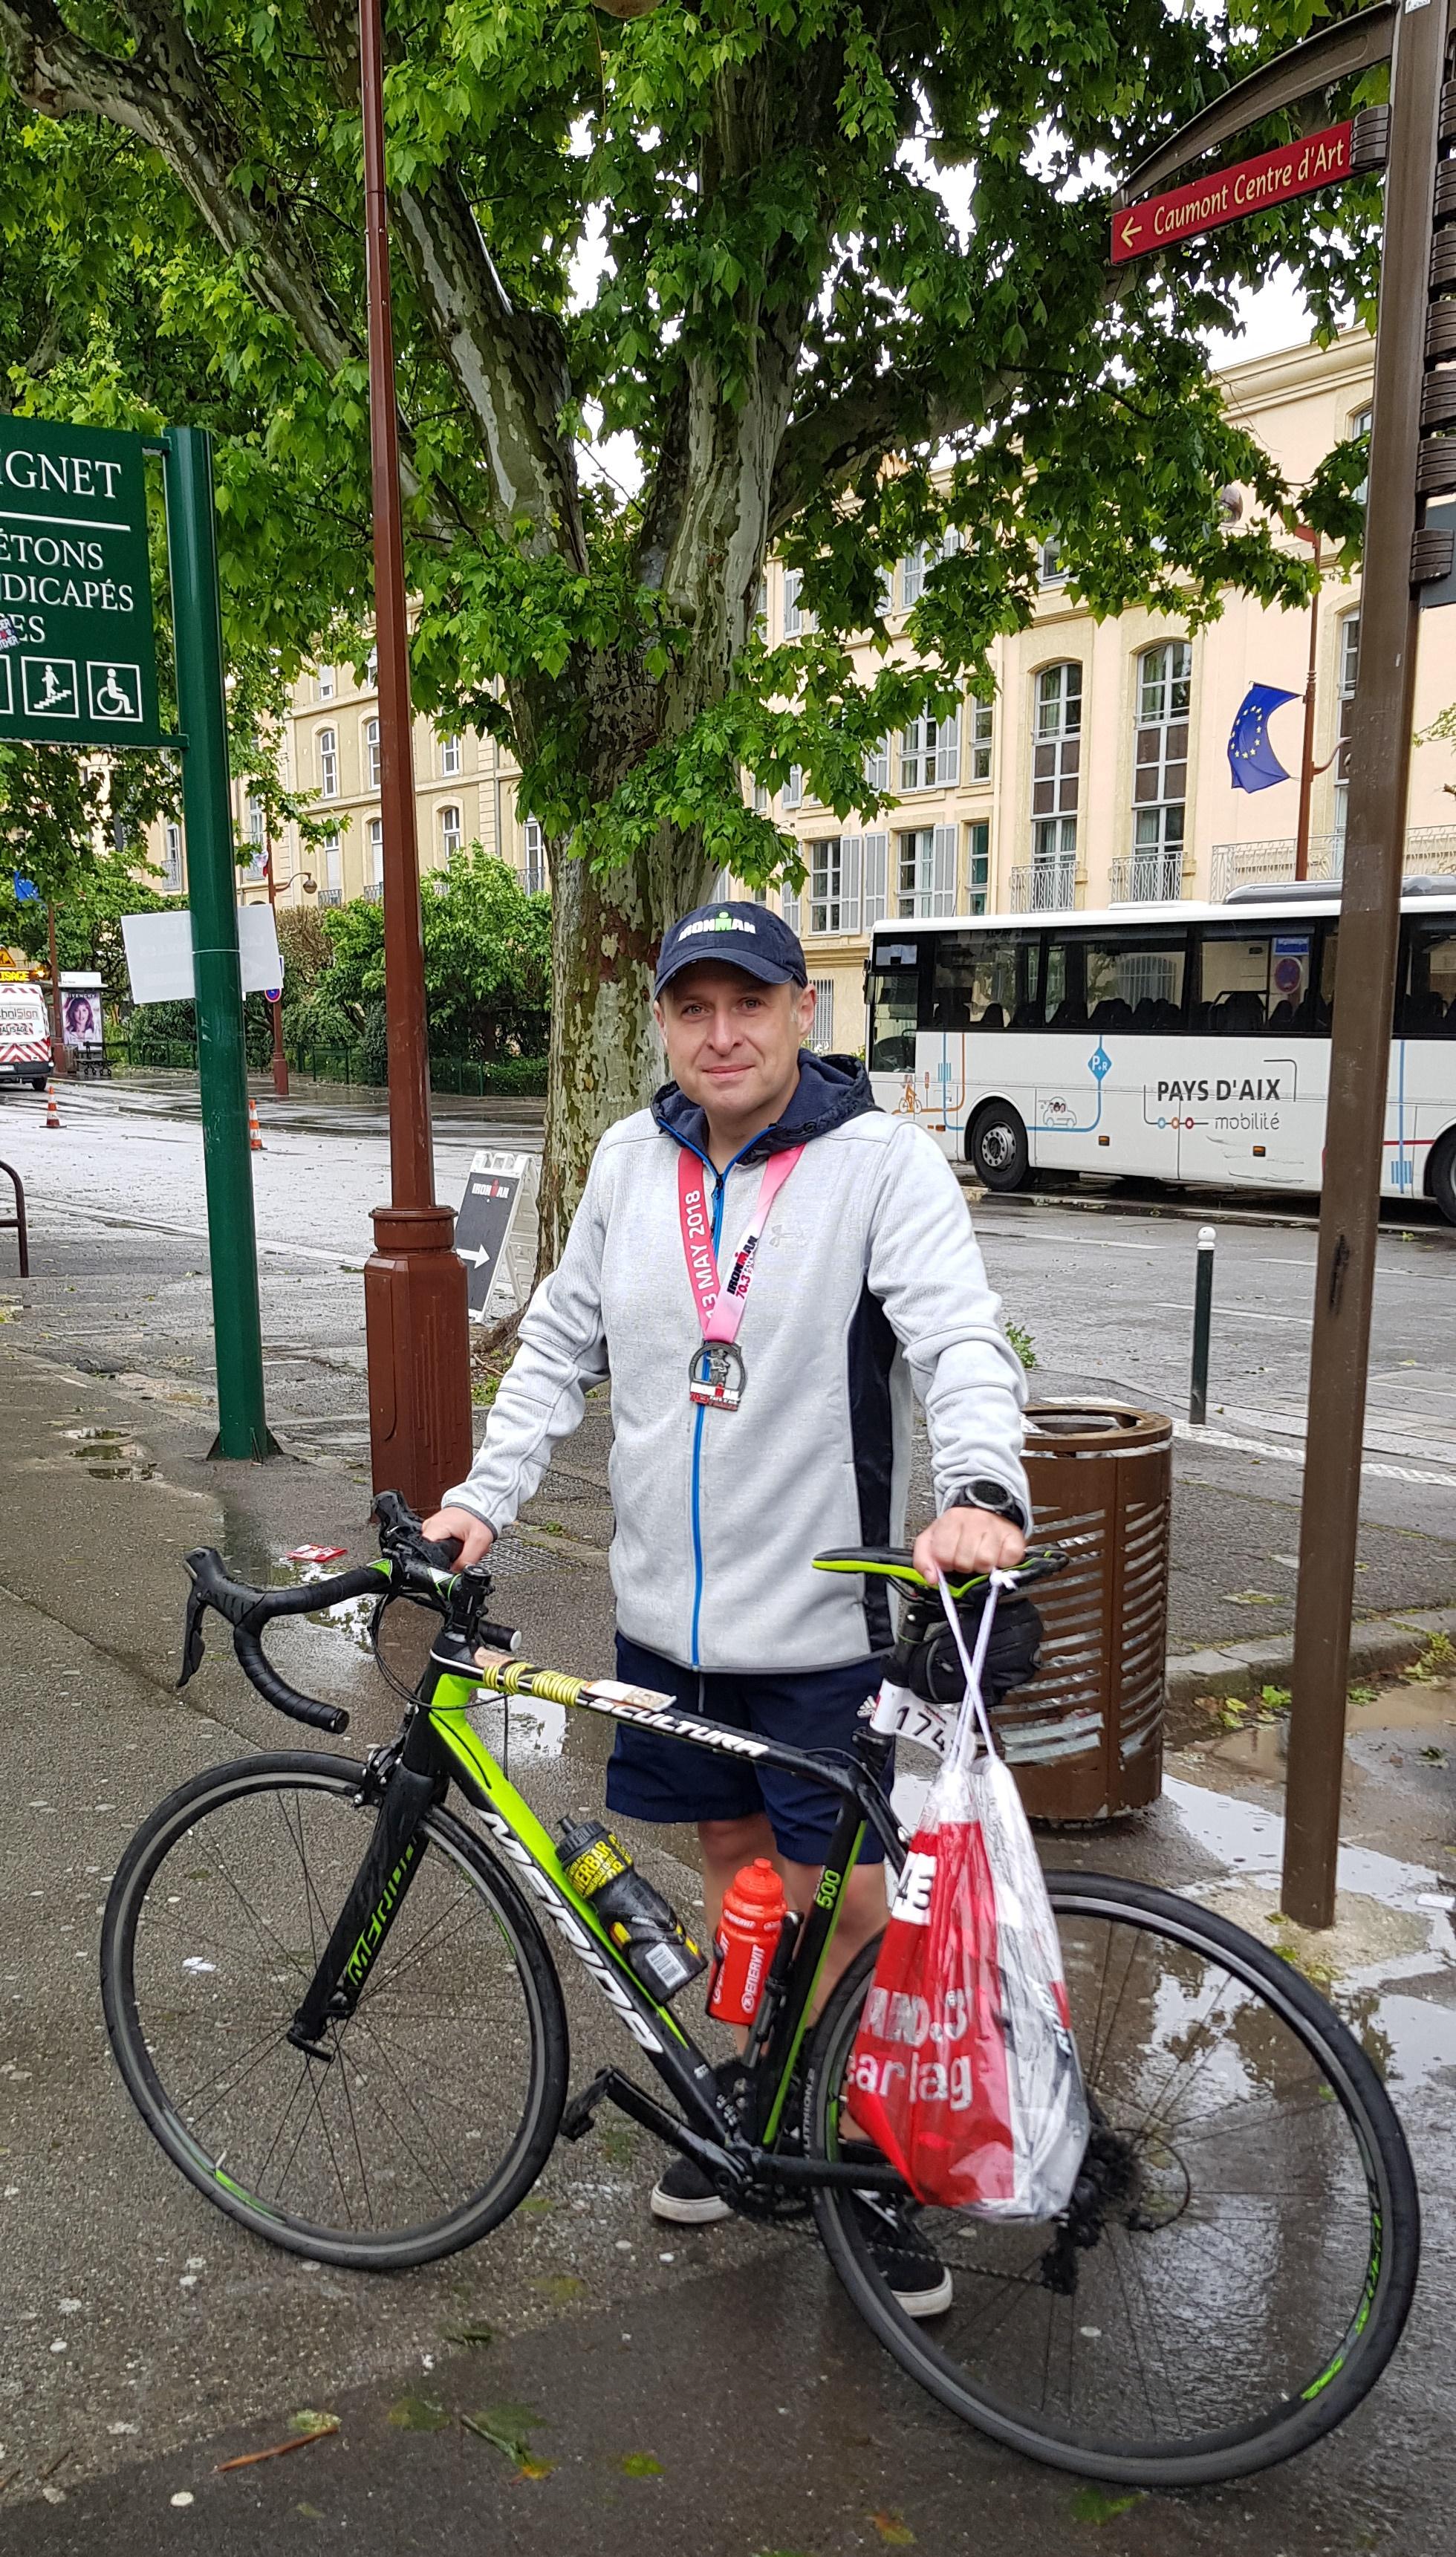 В отель после Ironman 70.3 Pays d'Aix